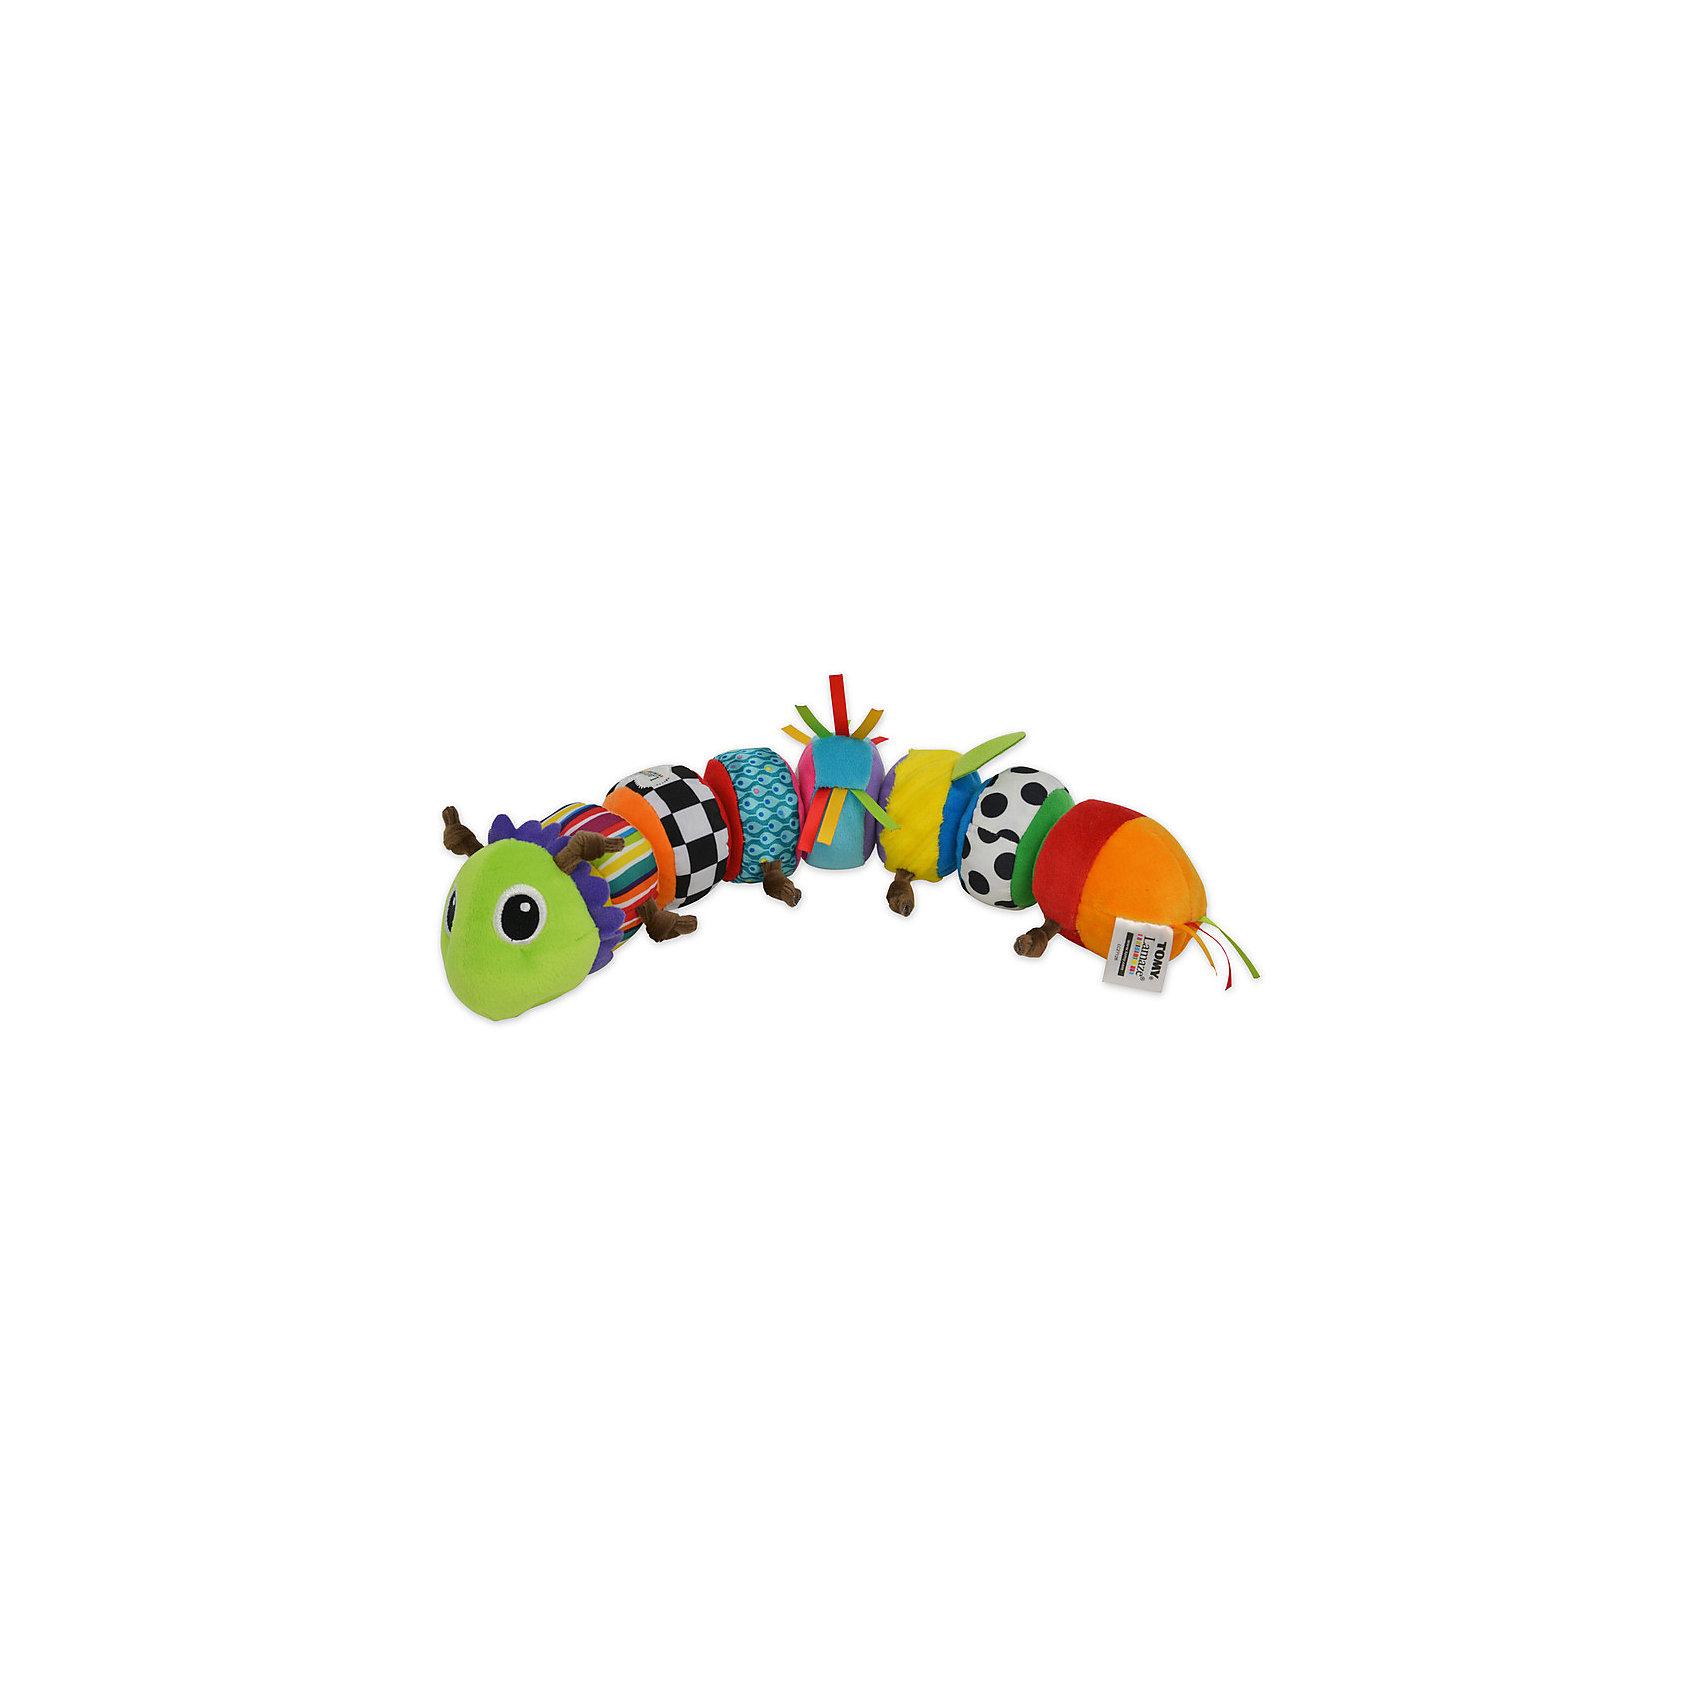 Гусеница Меняй и собирай, LamazeХарактеристики гусеницы Меняй и собирай: <br><br>- возраст: от 6 месяцев<br>- пол: для мальчиков и девочек<br>- комплект: 8 сегментов.<br>- материал: текстиль, наполнитель.<br>- размер упаковки: 8.4 *7.5 * 40 см.<br>- упаковка: картонная коробка открытого типа.<br>- страна обладатель бренда: Великобритания.<br><br>Мягкая игрушка Гусеница из серии Меняй и собирай от торговой марки Tomy состоит из восьми отдельных частей, которые ребенку предлагается соединять между собой - это занятие будет развивать мышление ребенка, конструктивные способности, смекалку объективное восприятие.<br>Элементы игрушки выполнены в ярких цветах, что может привлечь внимание малыша. Детали легко соединяются между собой с помощью липучек. Игрушка имеет разнофактурную поверхность, благодаря чему ребенок сможет тренировать мелкую моторику и тактильные навыки.<br><br>Мягкую игрушку Гусеница торговой марки  Tomy (Томи) можно купить в нашем интернет-магазине.<br><br>Ширина мм: 215<br>Глубина мм: 80<br>Высота мм: 254<br>Вес г: 405<br>Возраст от месяцев: 0<br>Возраст до месяцев: 24<br>Пол: Унисекс<br>Возраст: Детский<br>SKU: 5274985